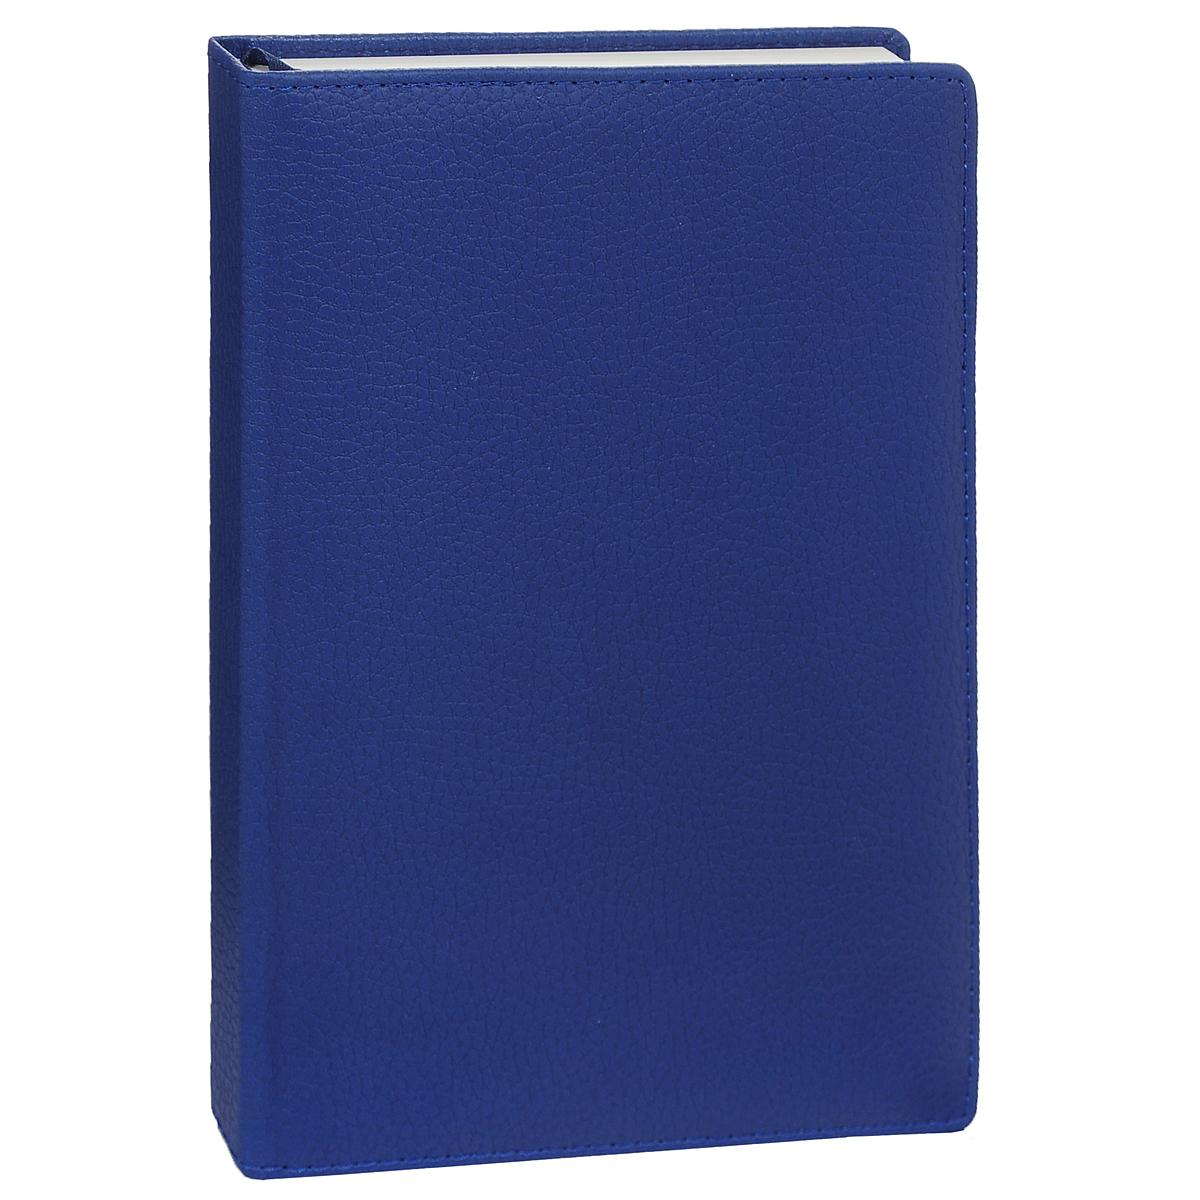 Ежедневник Listoff Classic. Zodiac, полудатированный, цвет: синий, 192 листа. Формат А5ЕКК15519205Ежедневник - это неотъемлемый атрибут делового человека, который ценит свое время и умеет правильно организовать свой трудовой день. Полудатированность страниц ежедневника удобна тем, что его можно начать вести без привязки к определенному году. Ежедневник Listoff Classic. Zodiac выполнен в обложке из мягкой искусственной кожи. Внутренний блок выполнен из высококачественной офсетной бумаги с листами в линейку. Внутренний блок прошит, что гарантирует отсутствие потери листов при активном использовании. Помимо листов для ежедневного планирования вы найдете: Страницу для записи личных данных; Календарь на 2015, 2016, 2017 и 2018 года; Междугородные телефонные коды России; Международные телефонные коды; Автомобильные коды регионов России; Товарные штрих-коды; Расстояние между российскими городами; Расстояние между Москвой и городами мира; Планирование проектов; Соотношение единиц измерения; Знаки по...